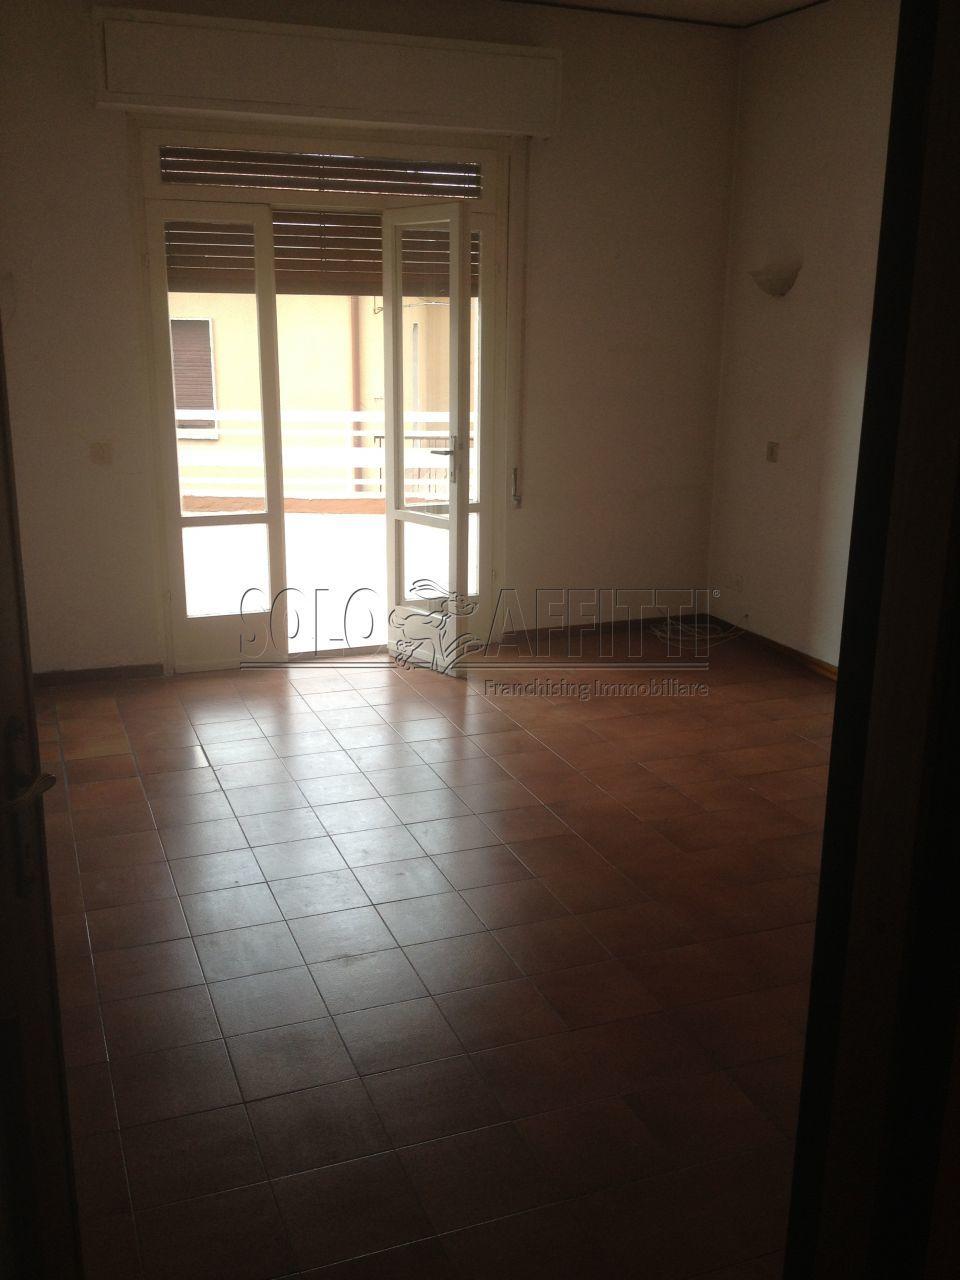 Bilocale Brescia Via Locchi 13 5